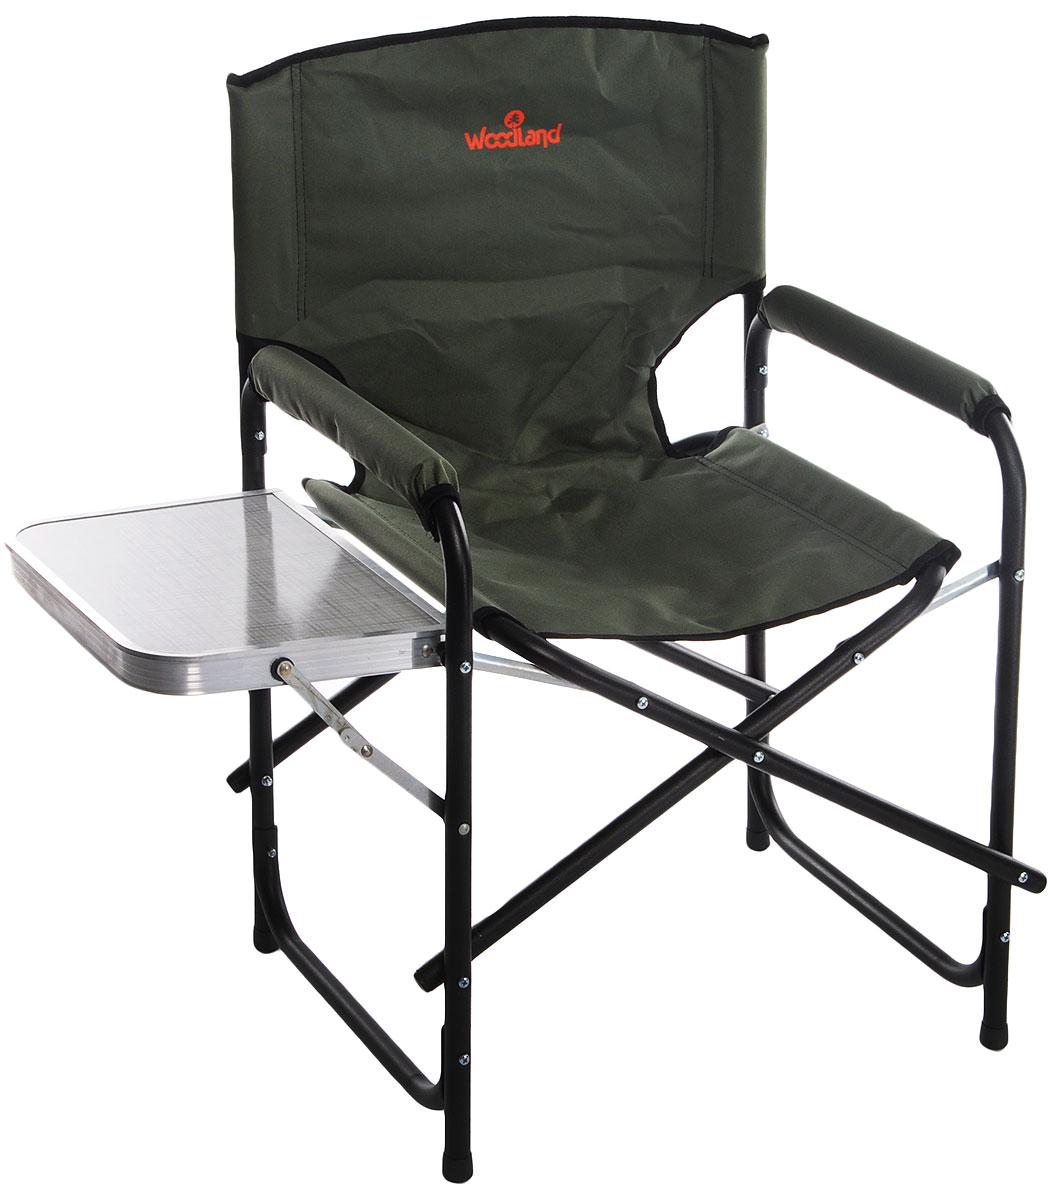 Кресло складное Woodland  Fisherman , цвет: зеленый, черный, 55 х 47 х 80 см - Складная и надувная мебель